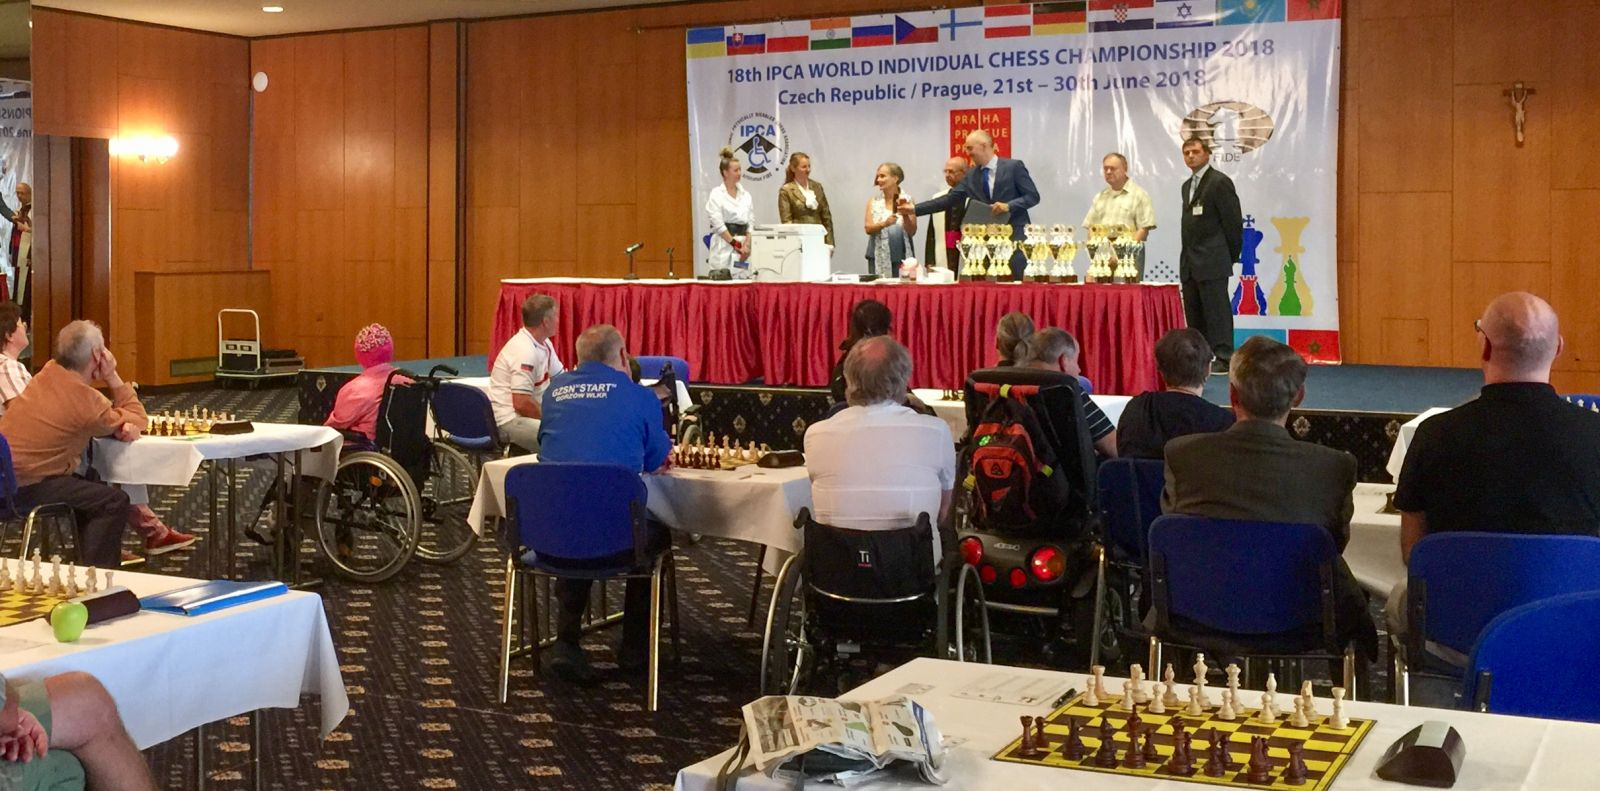 Сборная команда России по шахматам спорта лиц с ПОДА завоевала 8 медалей на чемпионате мира в Чехии